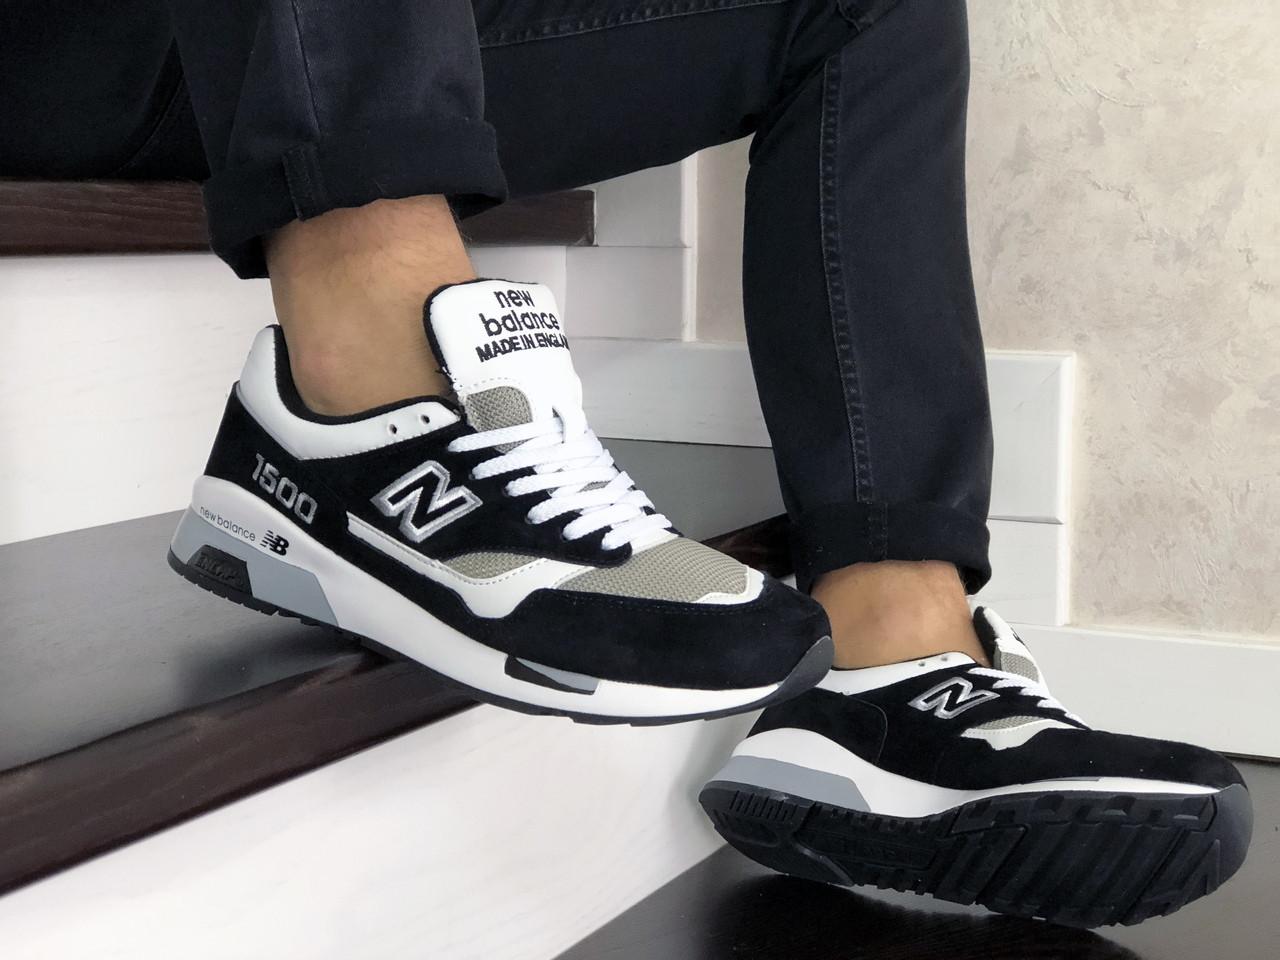 Мужские кроссовки New Balance 1500 ВЕЛИКОБРИТАНИЯ (Бело-черные) 9112